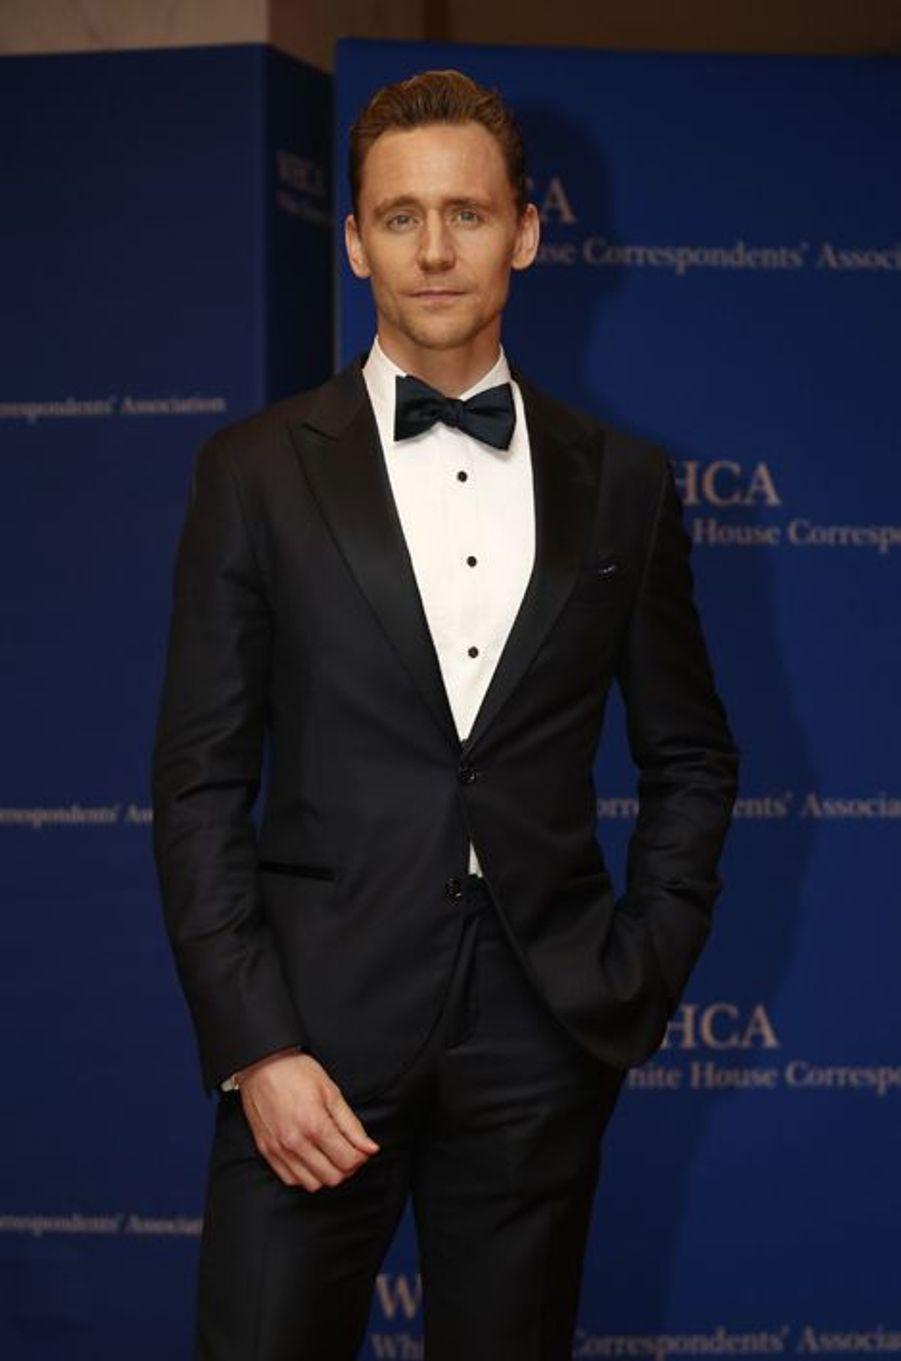 Tom Hiddleston au dîner des Correspondants à la Maison Blanche, le 30 avril 2016 à Washington.